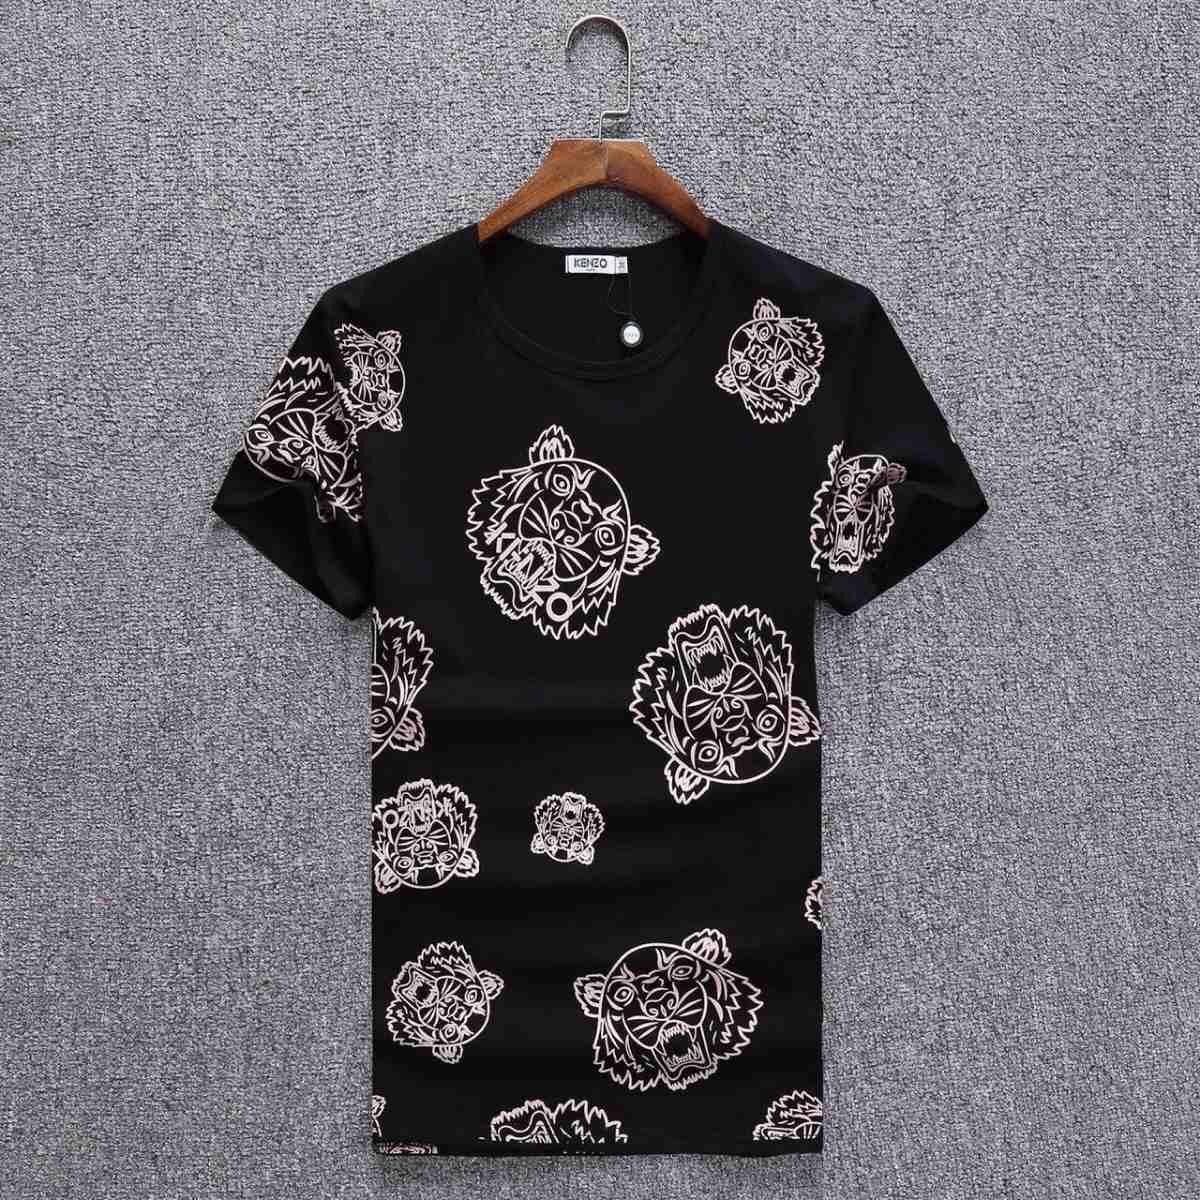 61faffc2e9 Camisa Kenzo Importada - R  240